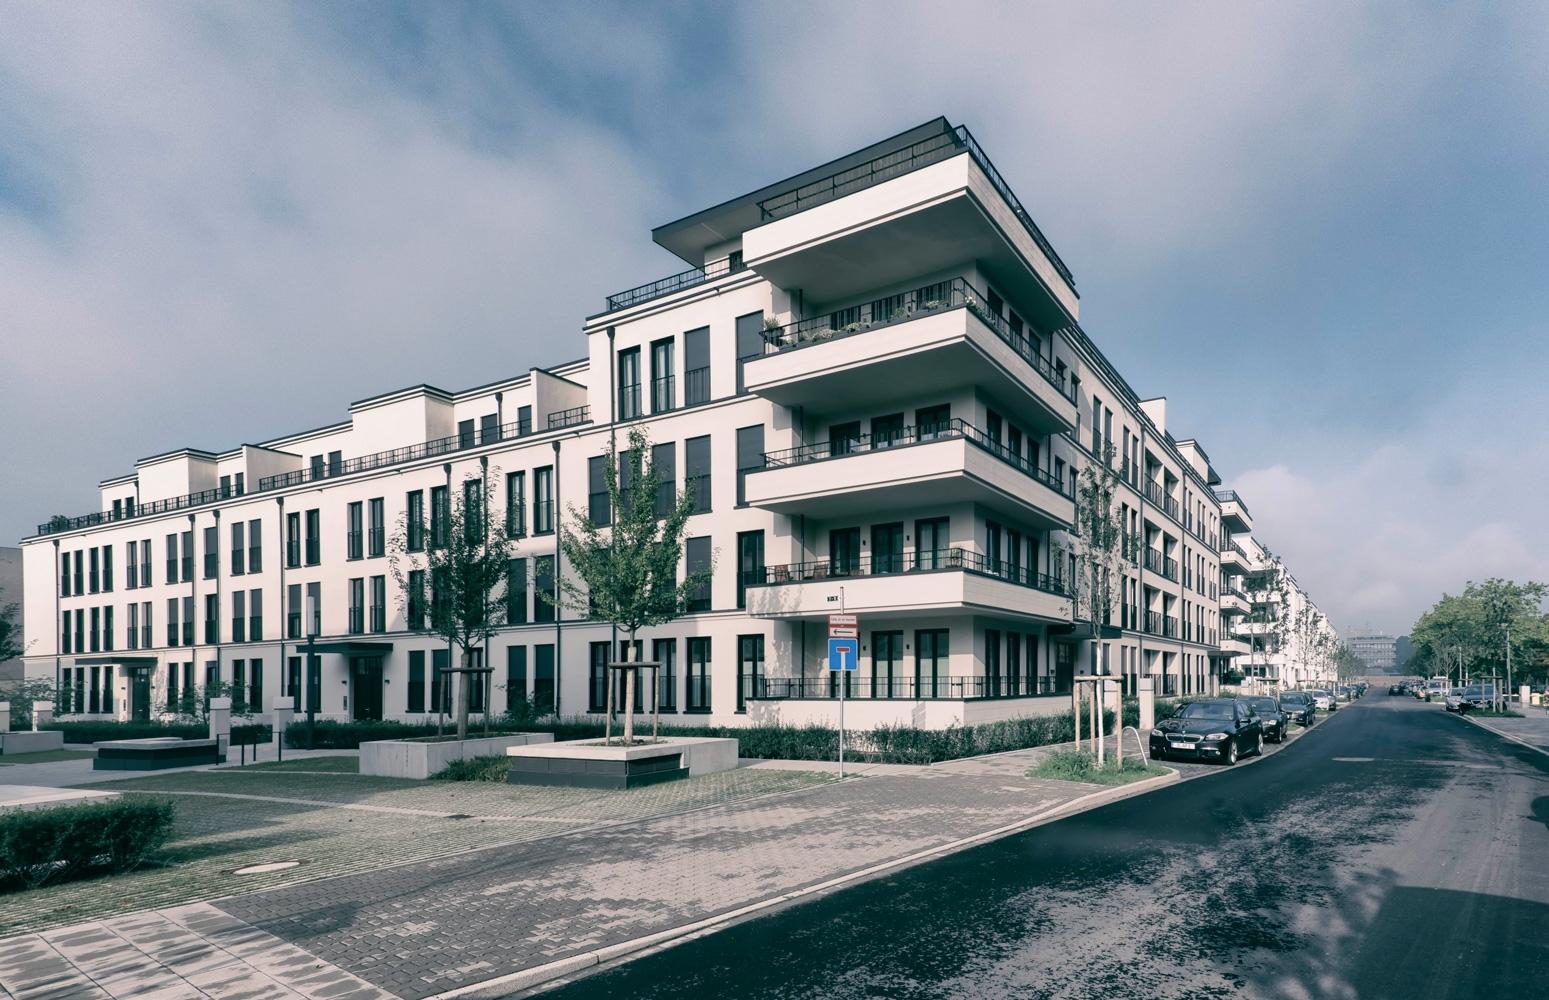 Architekten Landau fertigstellung neubau wohnanlage belsenpark 1 in düsseldorf